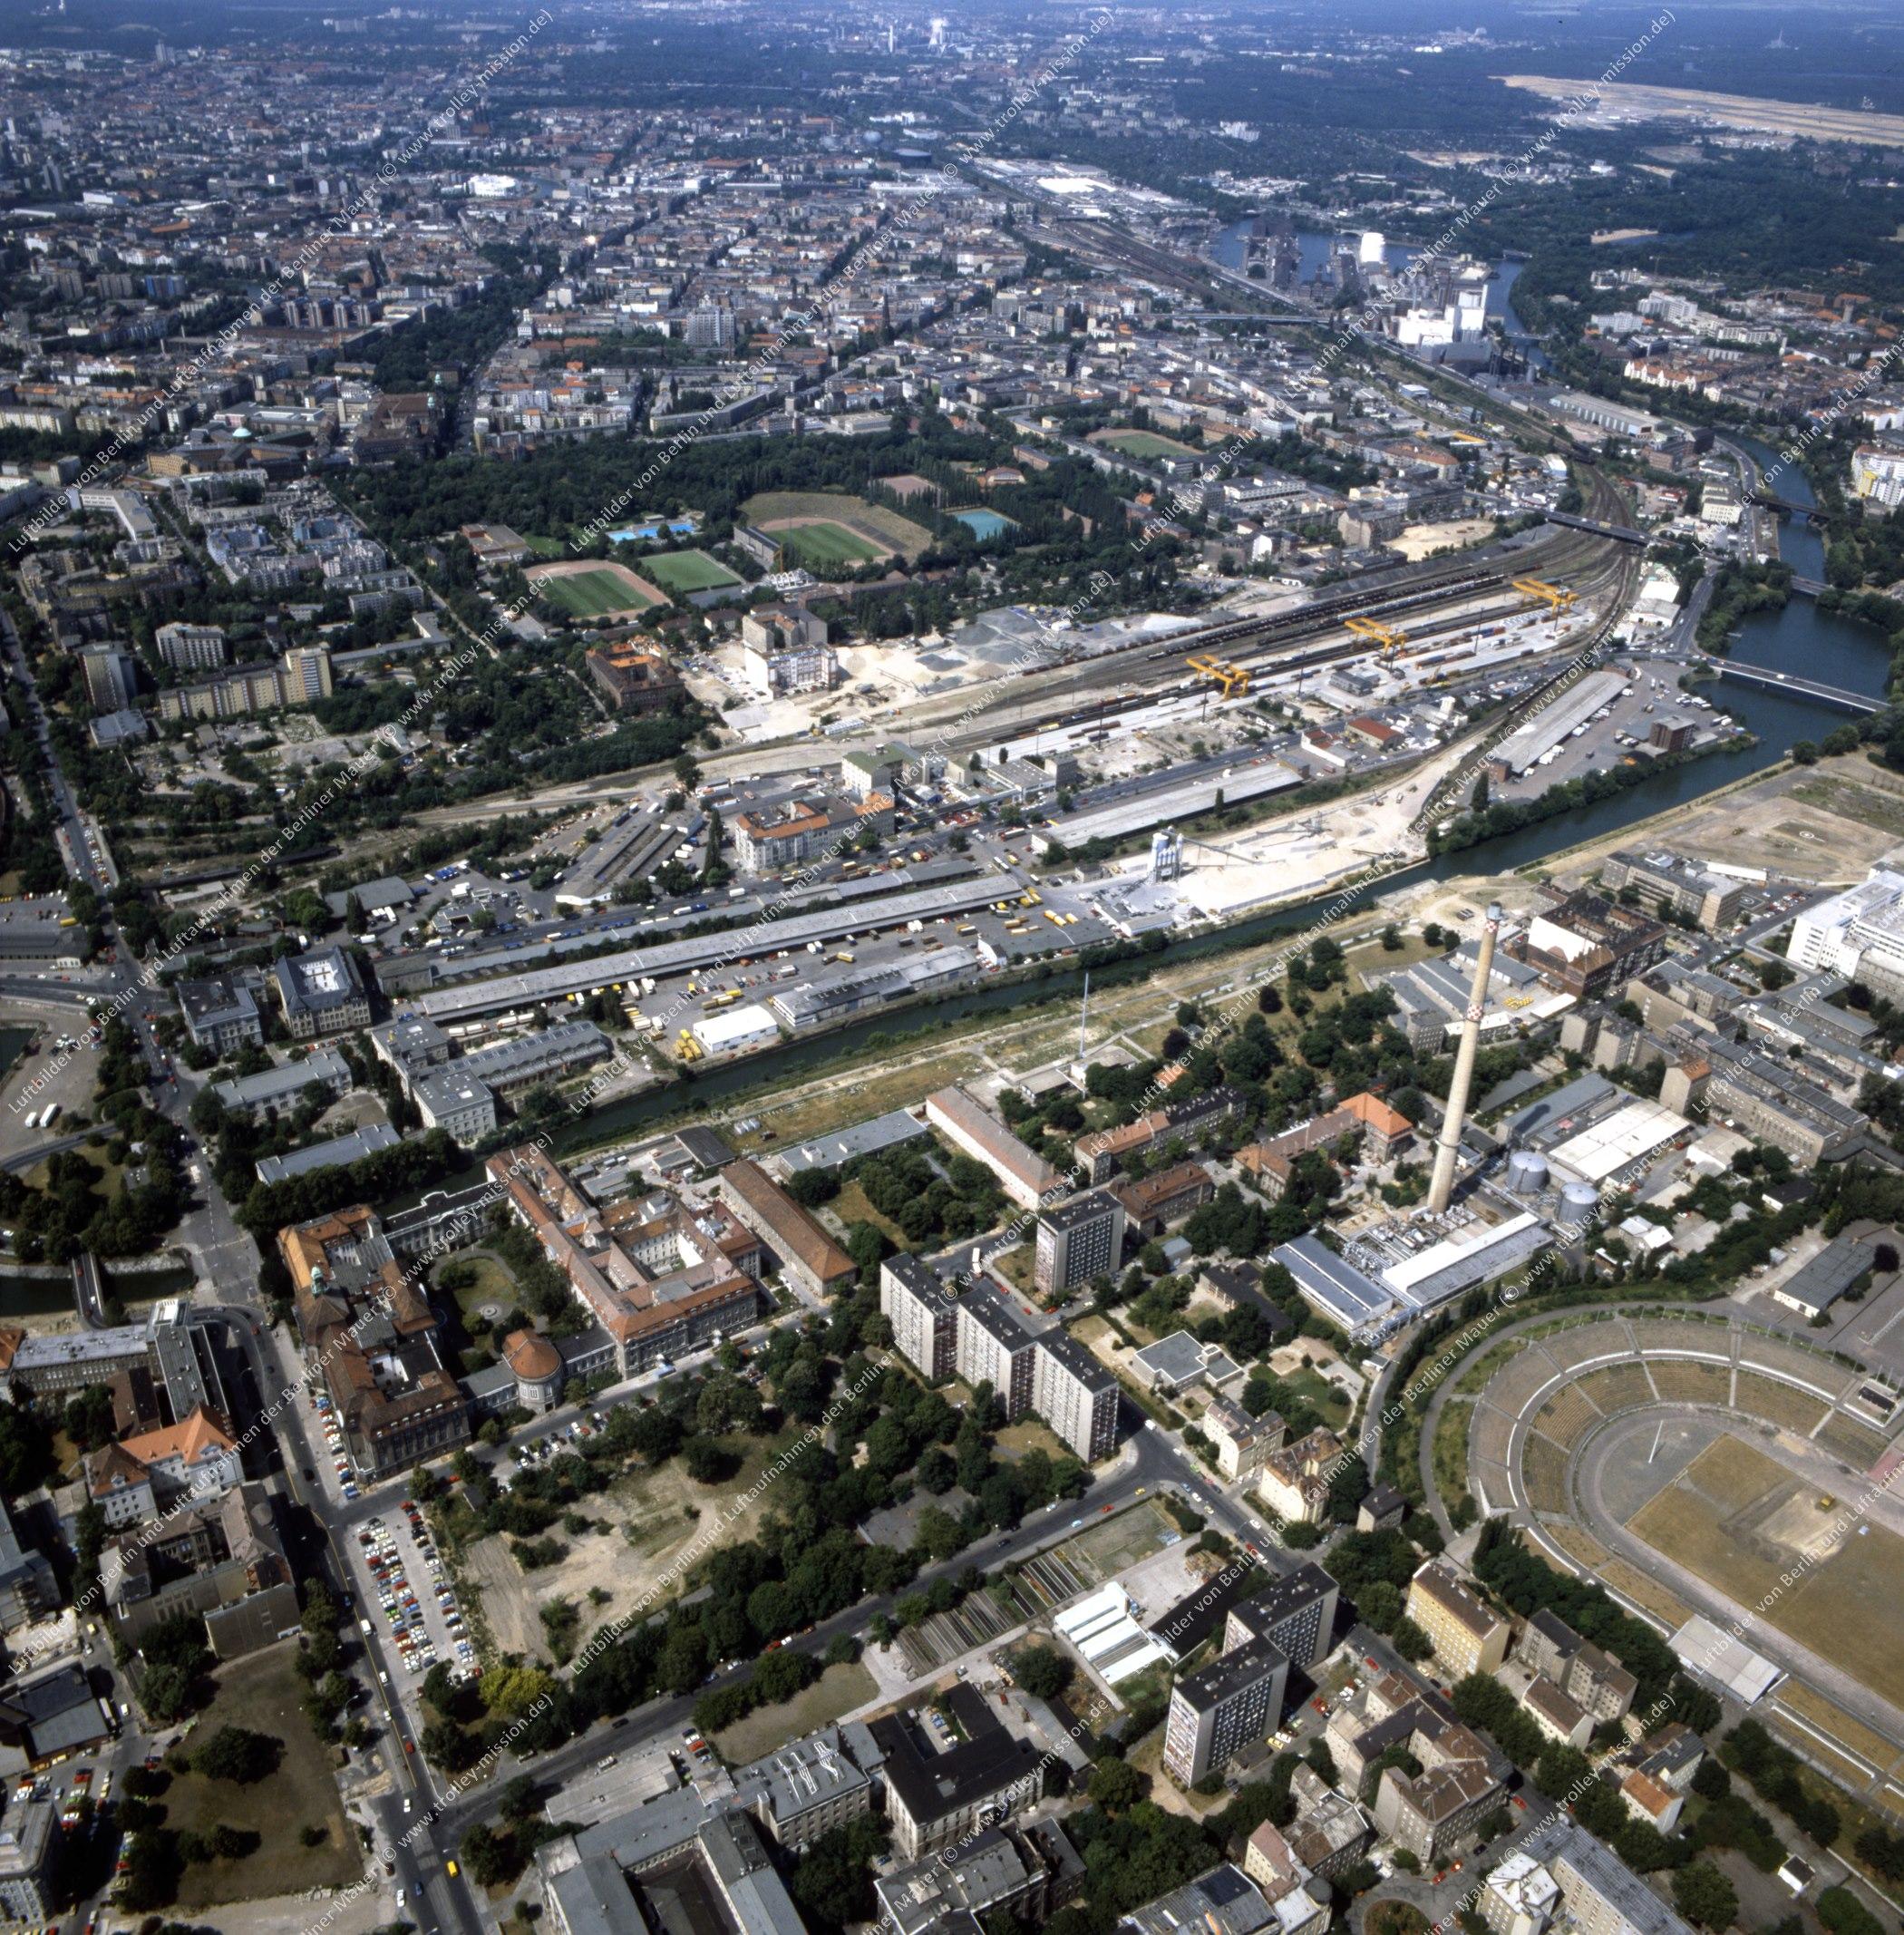 Invalidenpark und Heizkraftwerk der Berliner Städtischen Elektrizitätswerke AG (Bewag) im Bezirk Berlin-Mitte - Luftbild nach der deutschen Wiedervereinigung (Bild 141)